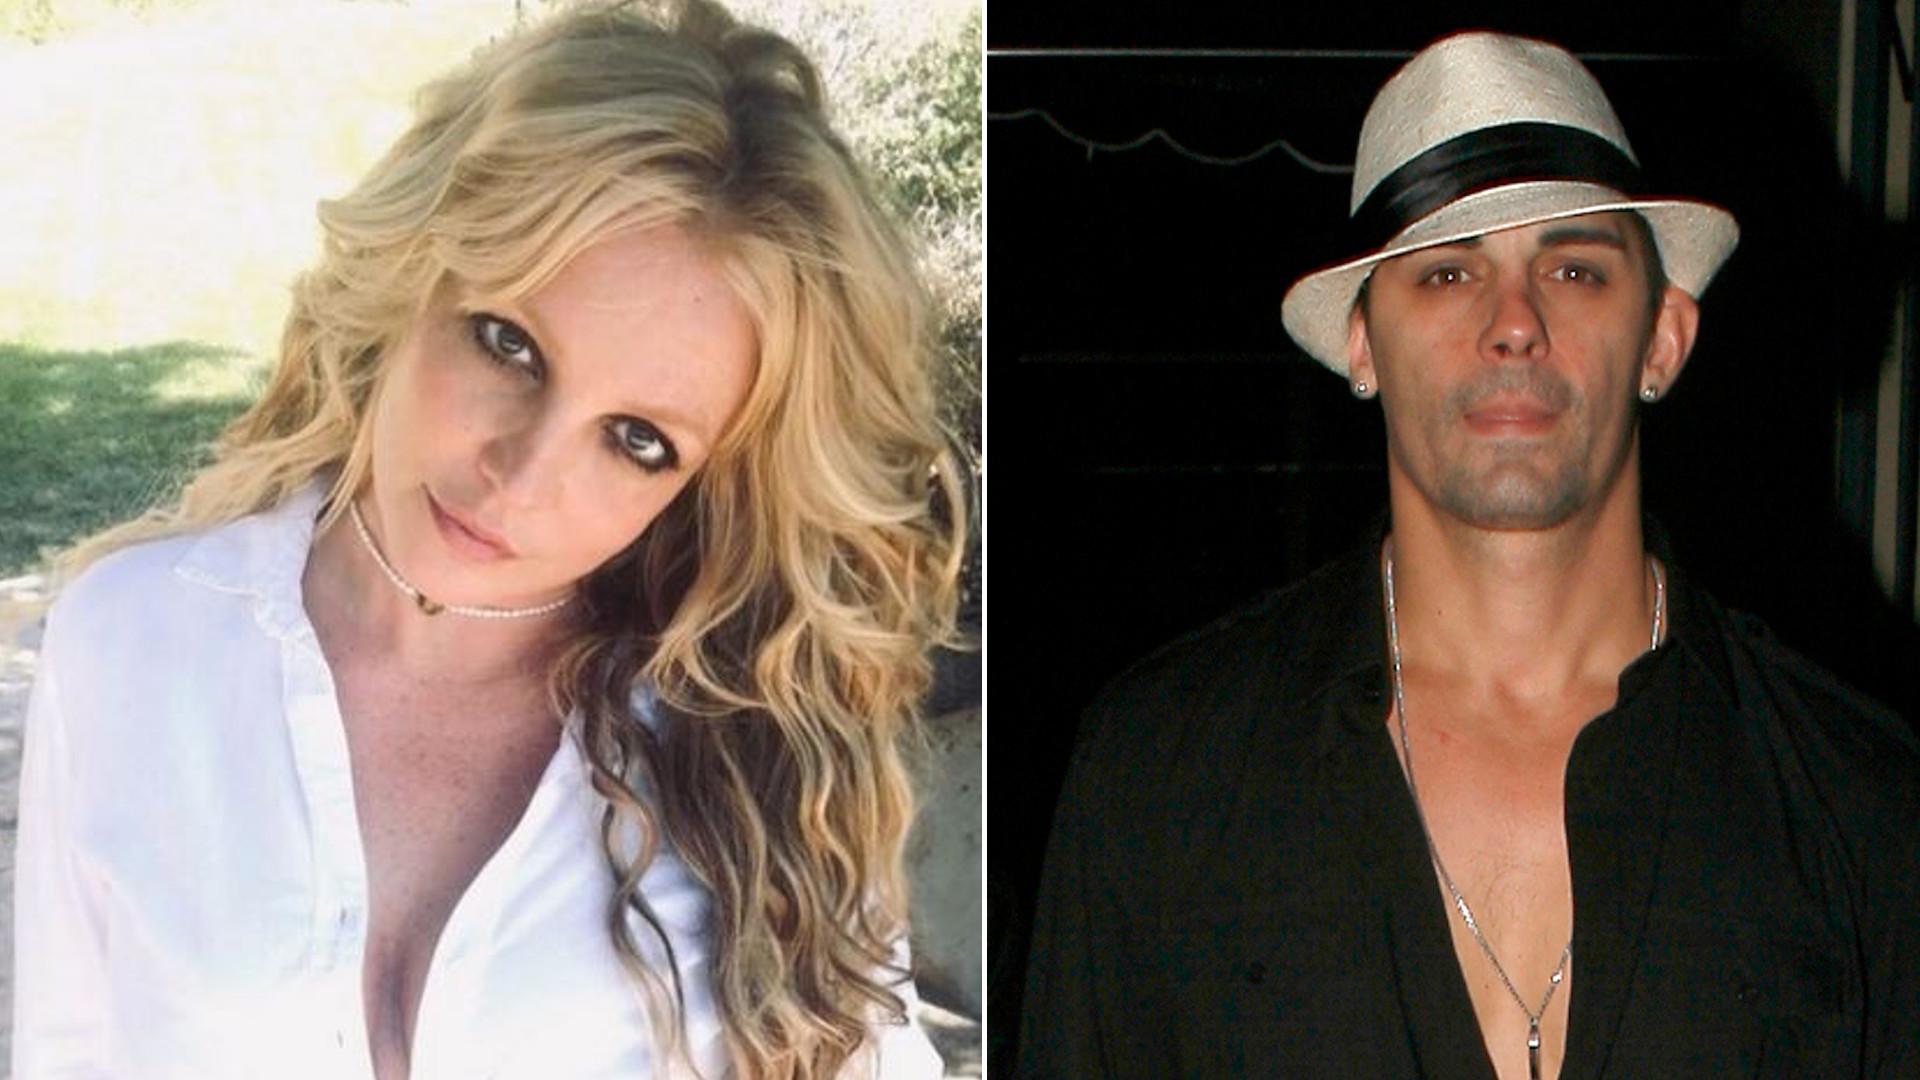 Pierwsze małżeństwo Britney Spears trwało zaledwie 55 godzin. To matka kazała jej je zakończyć